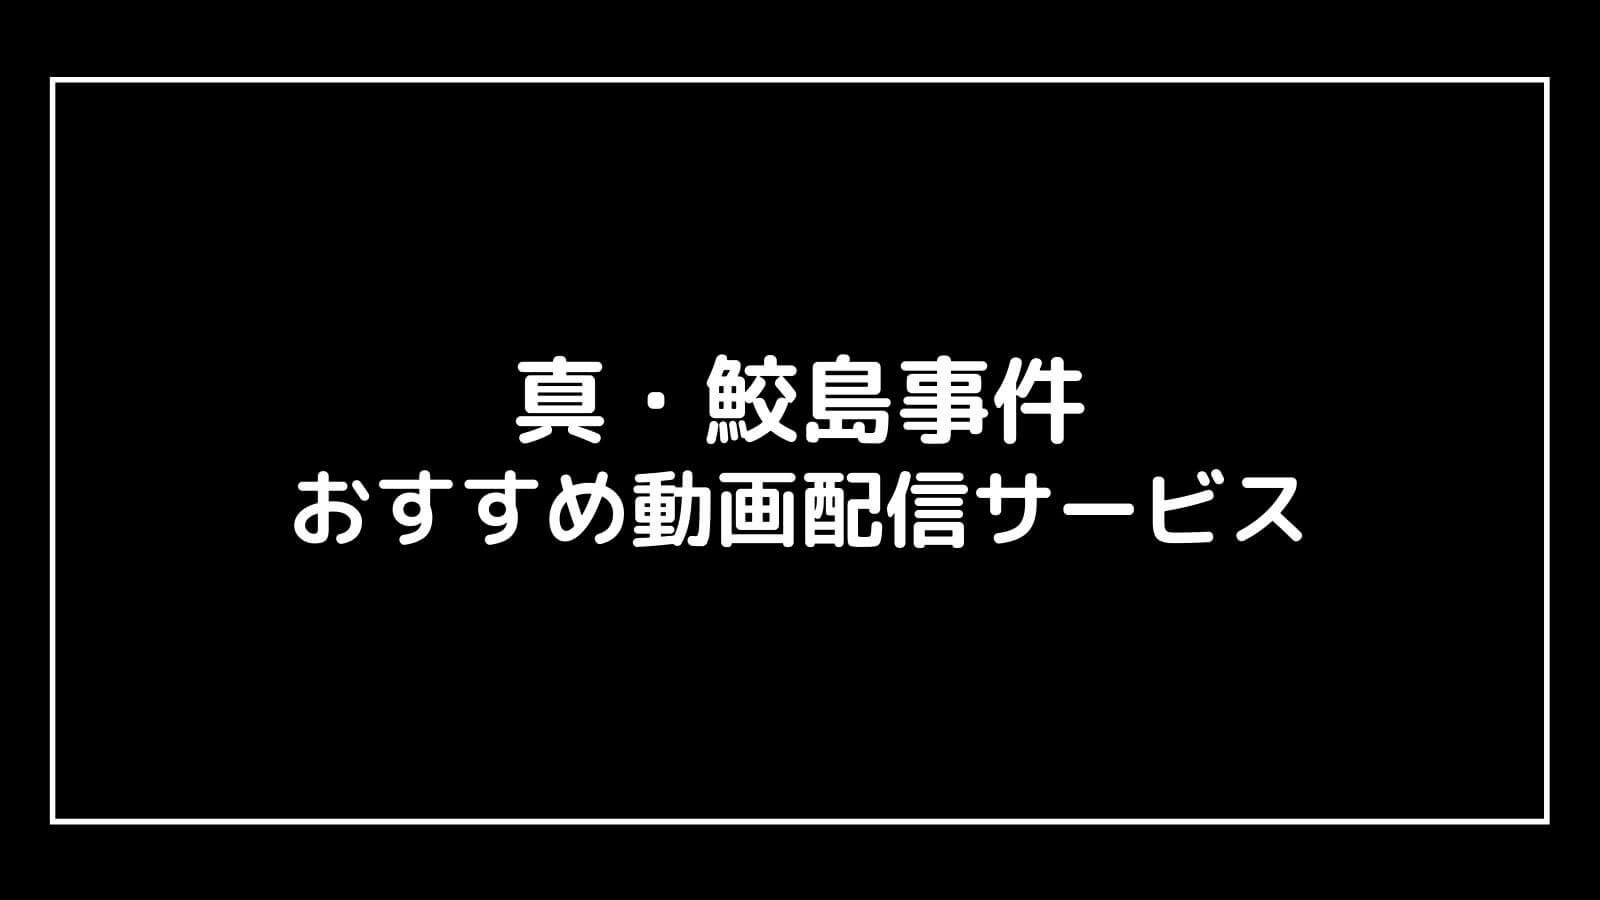 映画『真・鮫島事件』の無料動画配信をフル視聴できる動画配信サイト